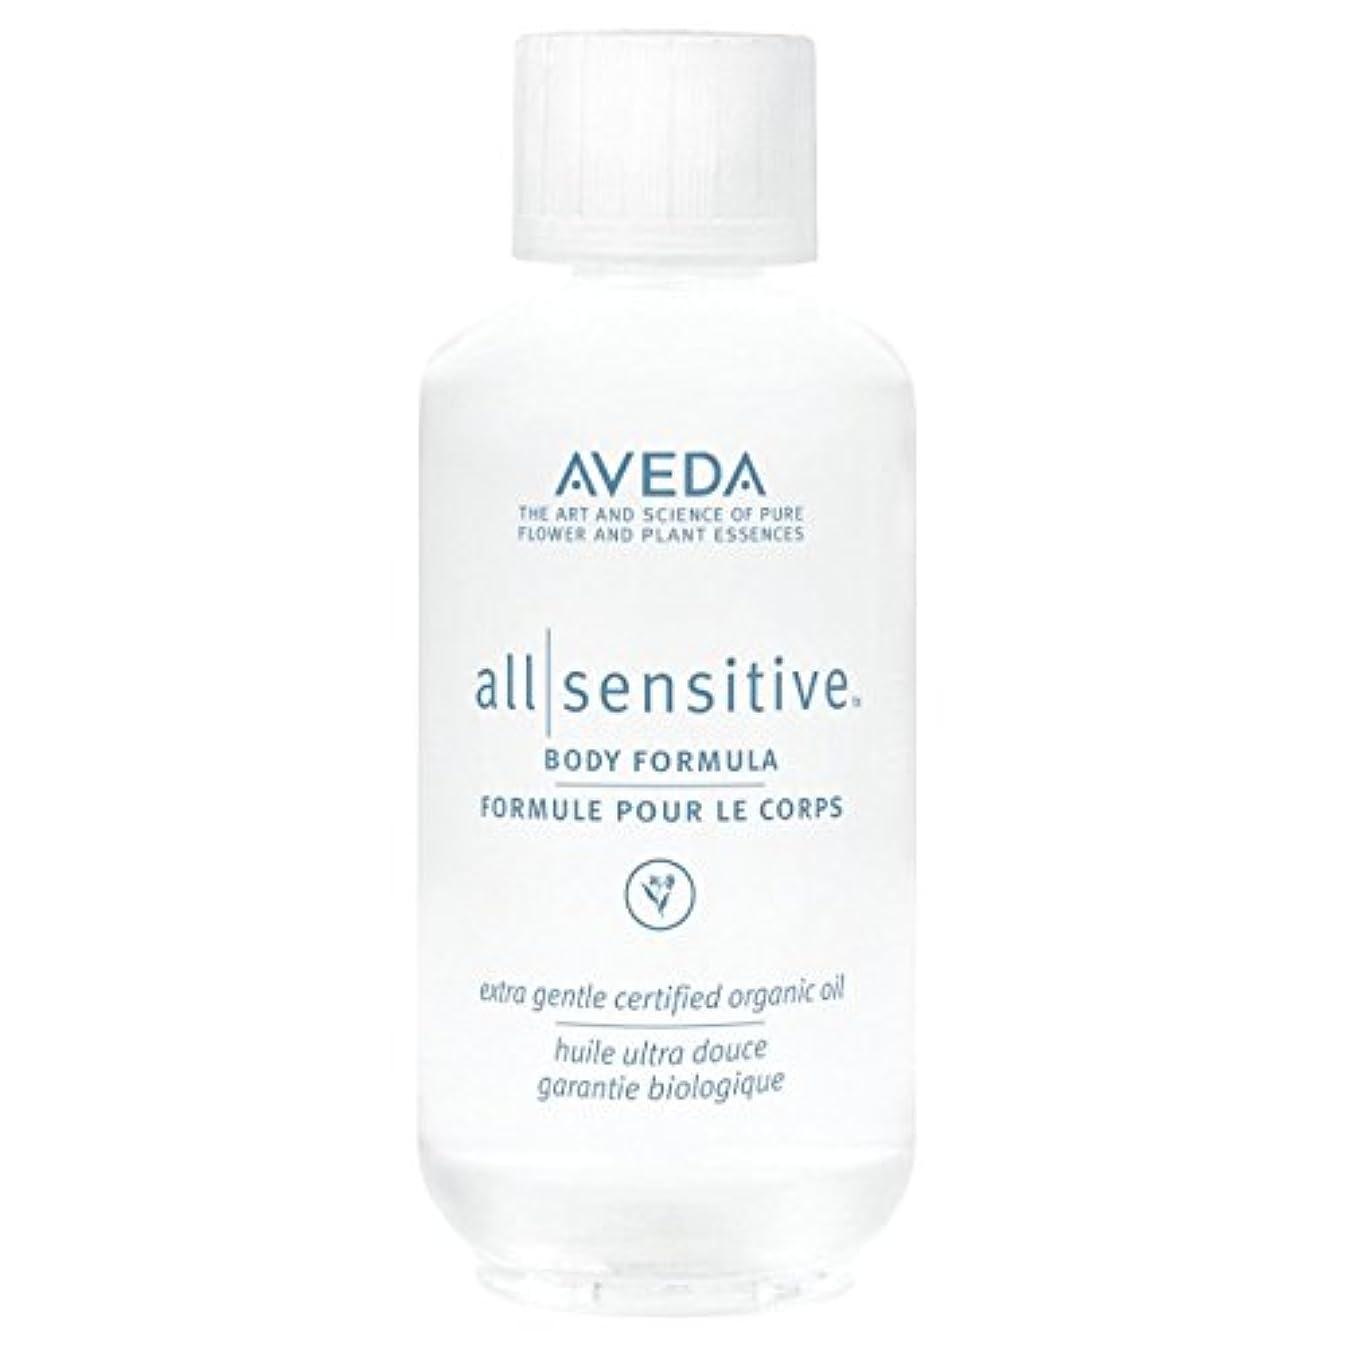 白いパターン意志[AVEDA] アヴェダすべての敏感な身体式50ミリリットル - Aveda All Sensitive Body Formula 50ml [並行輸入品]